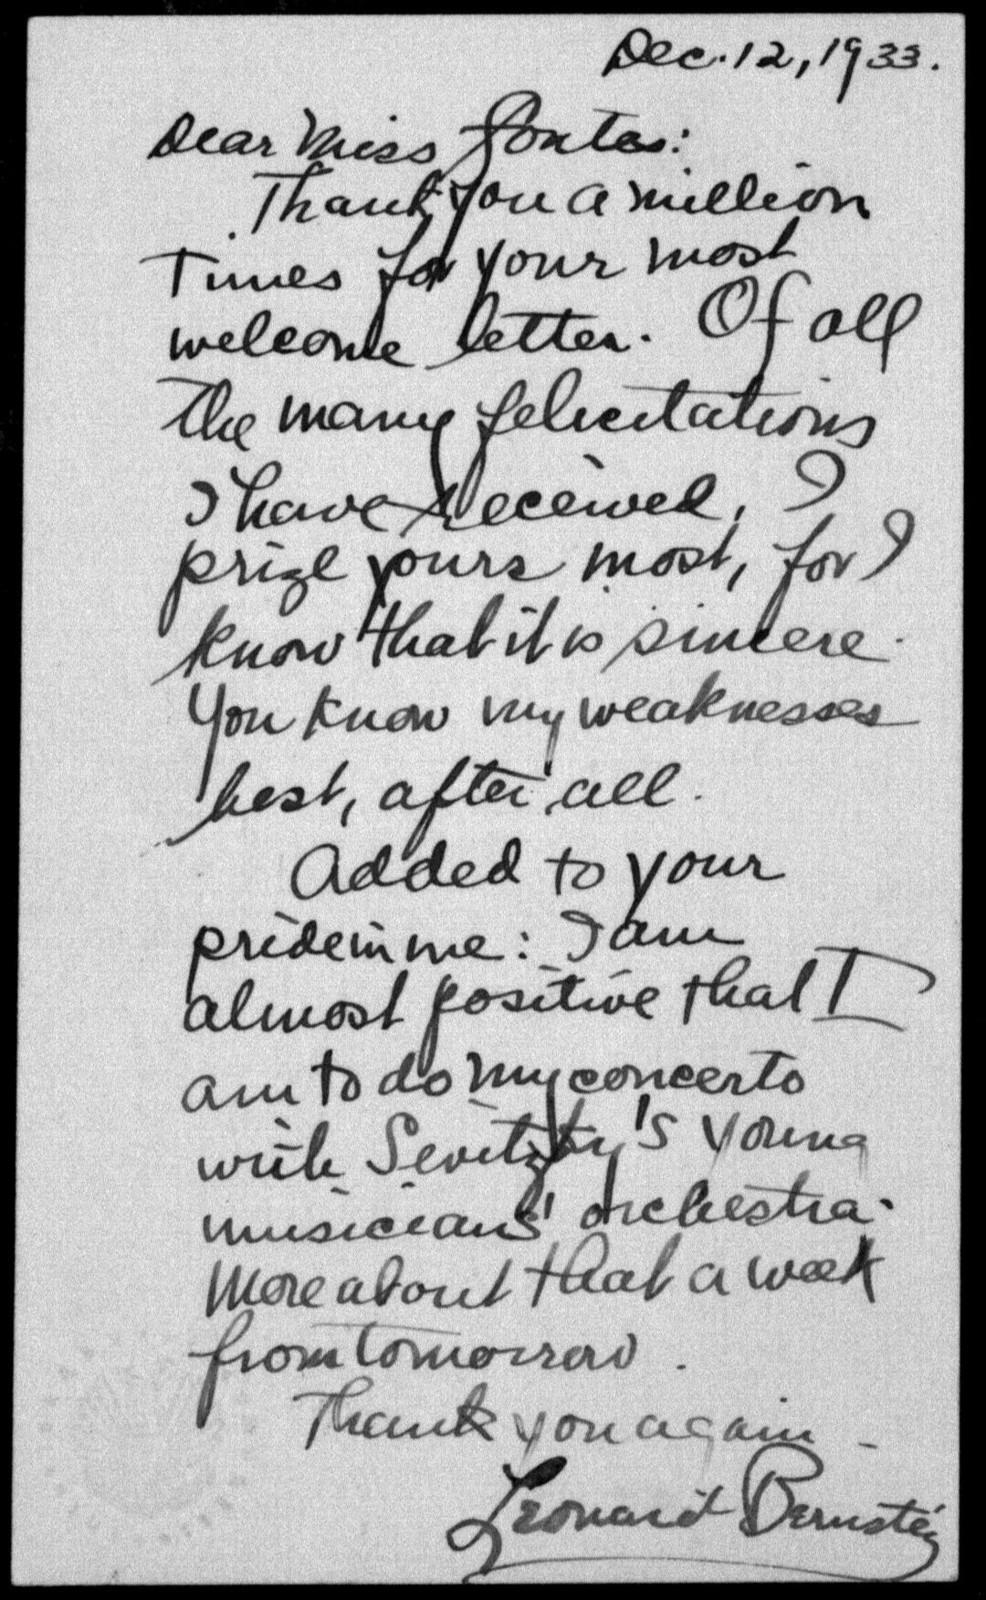 Letter from Leonard Bernstein to Helen Coates, December 12, 1933